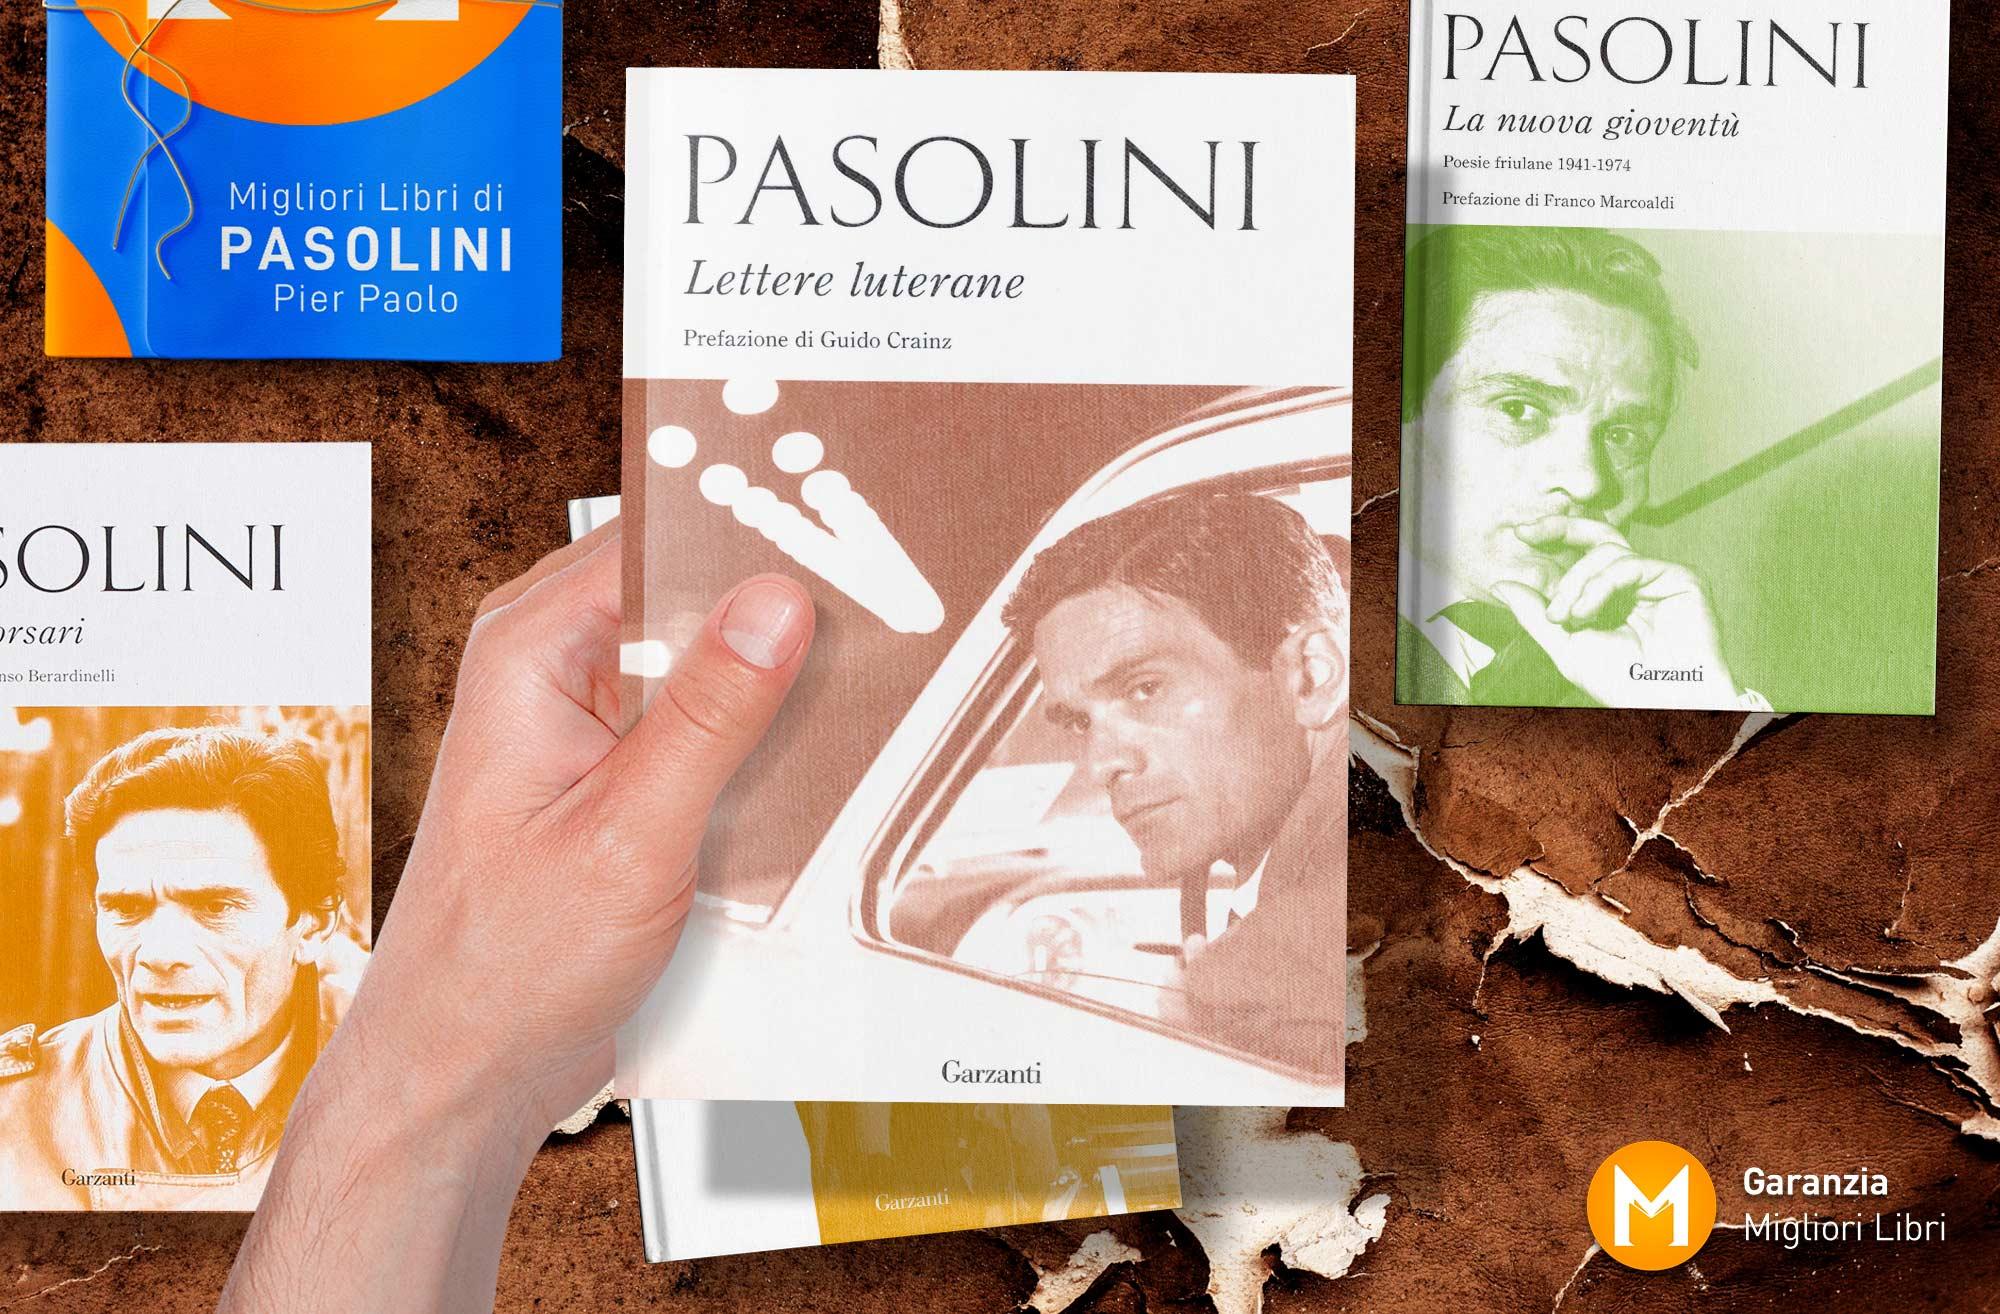 migliori-libri-pasolini